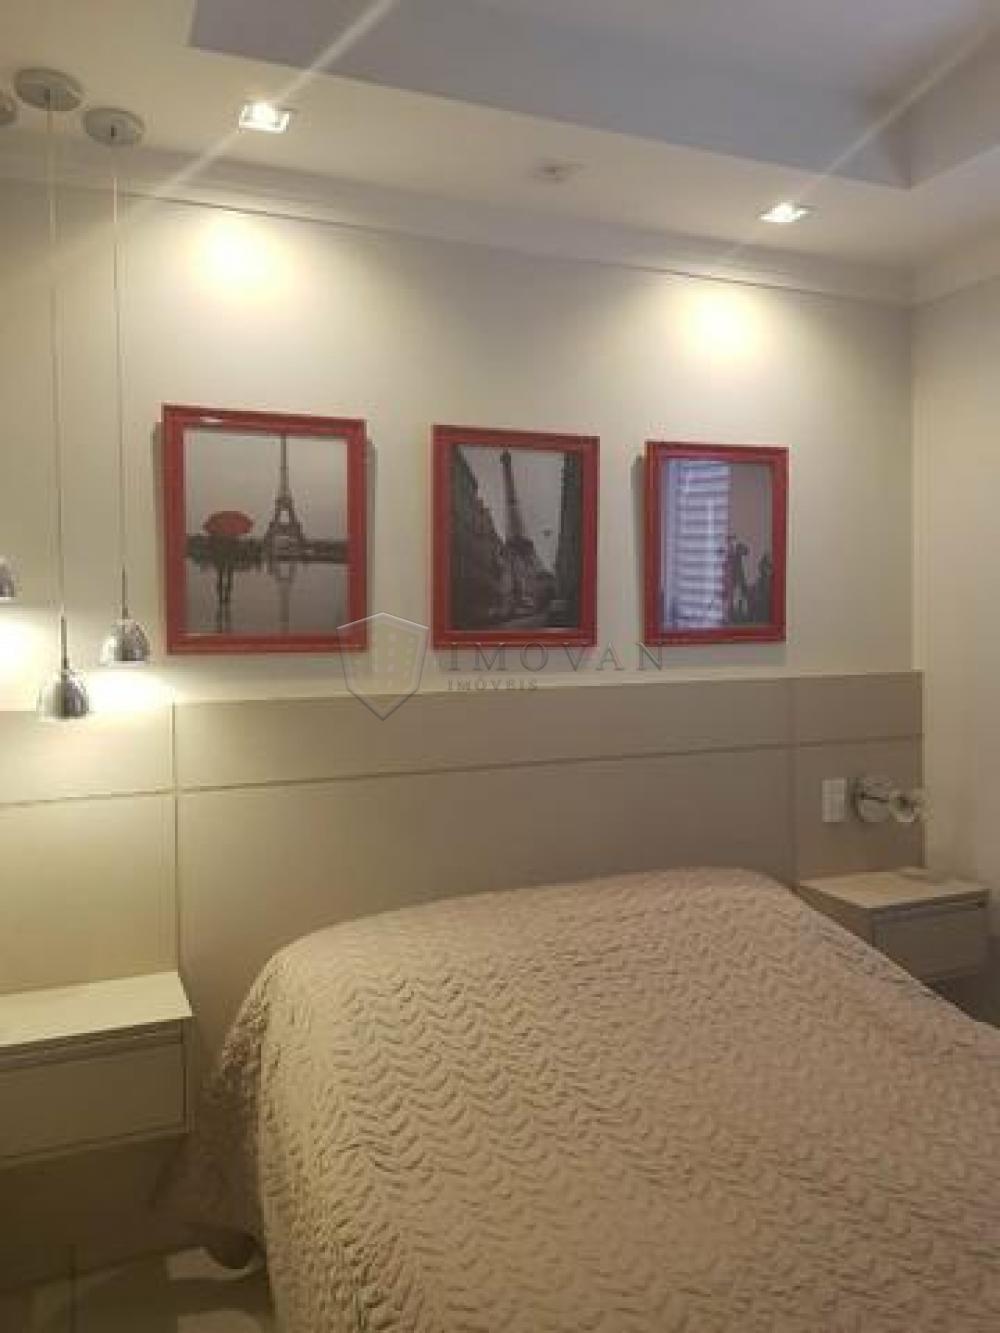 Comprar Apartamento / Padrão em Ribeirão Preto apenas R$ 397.000,00 - Foto 7